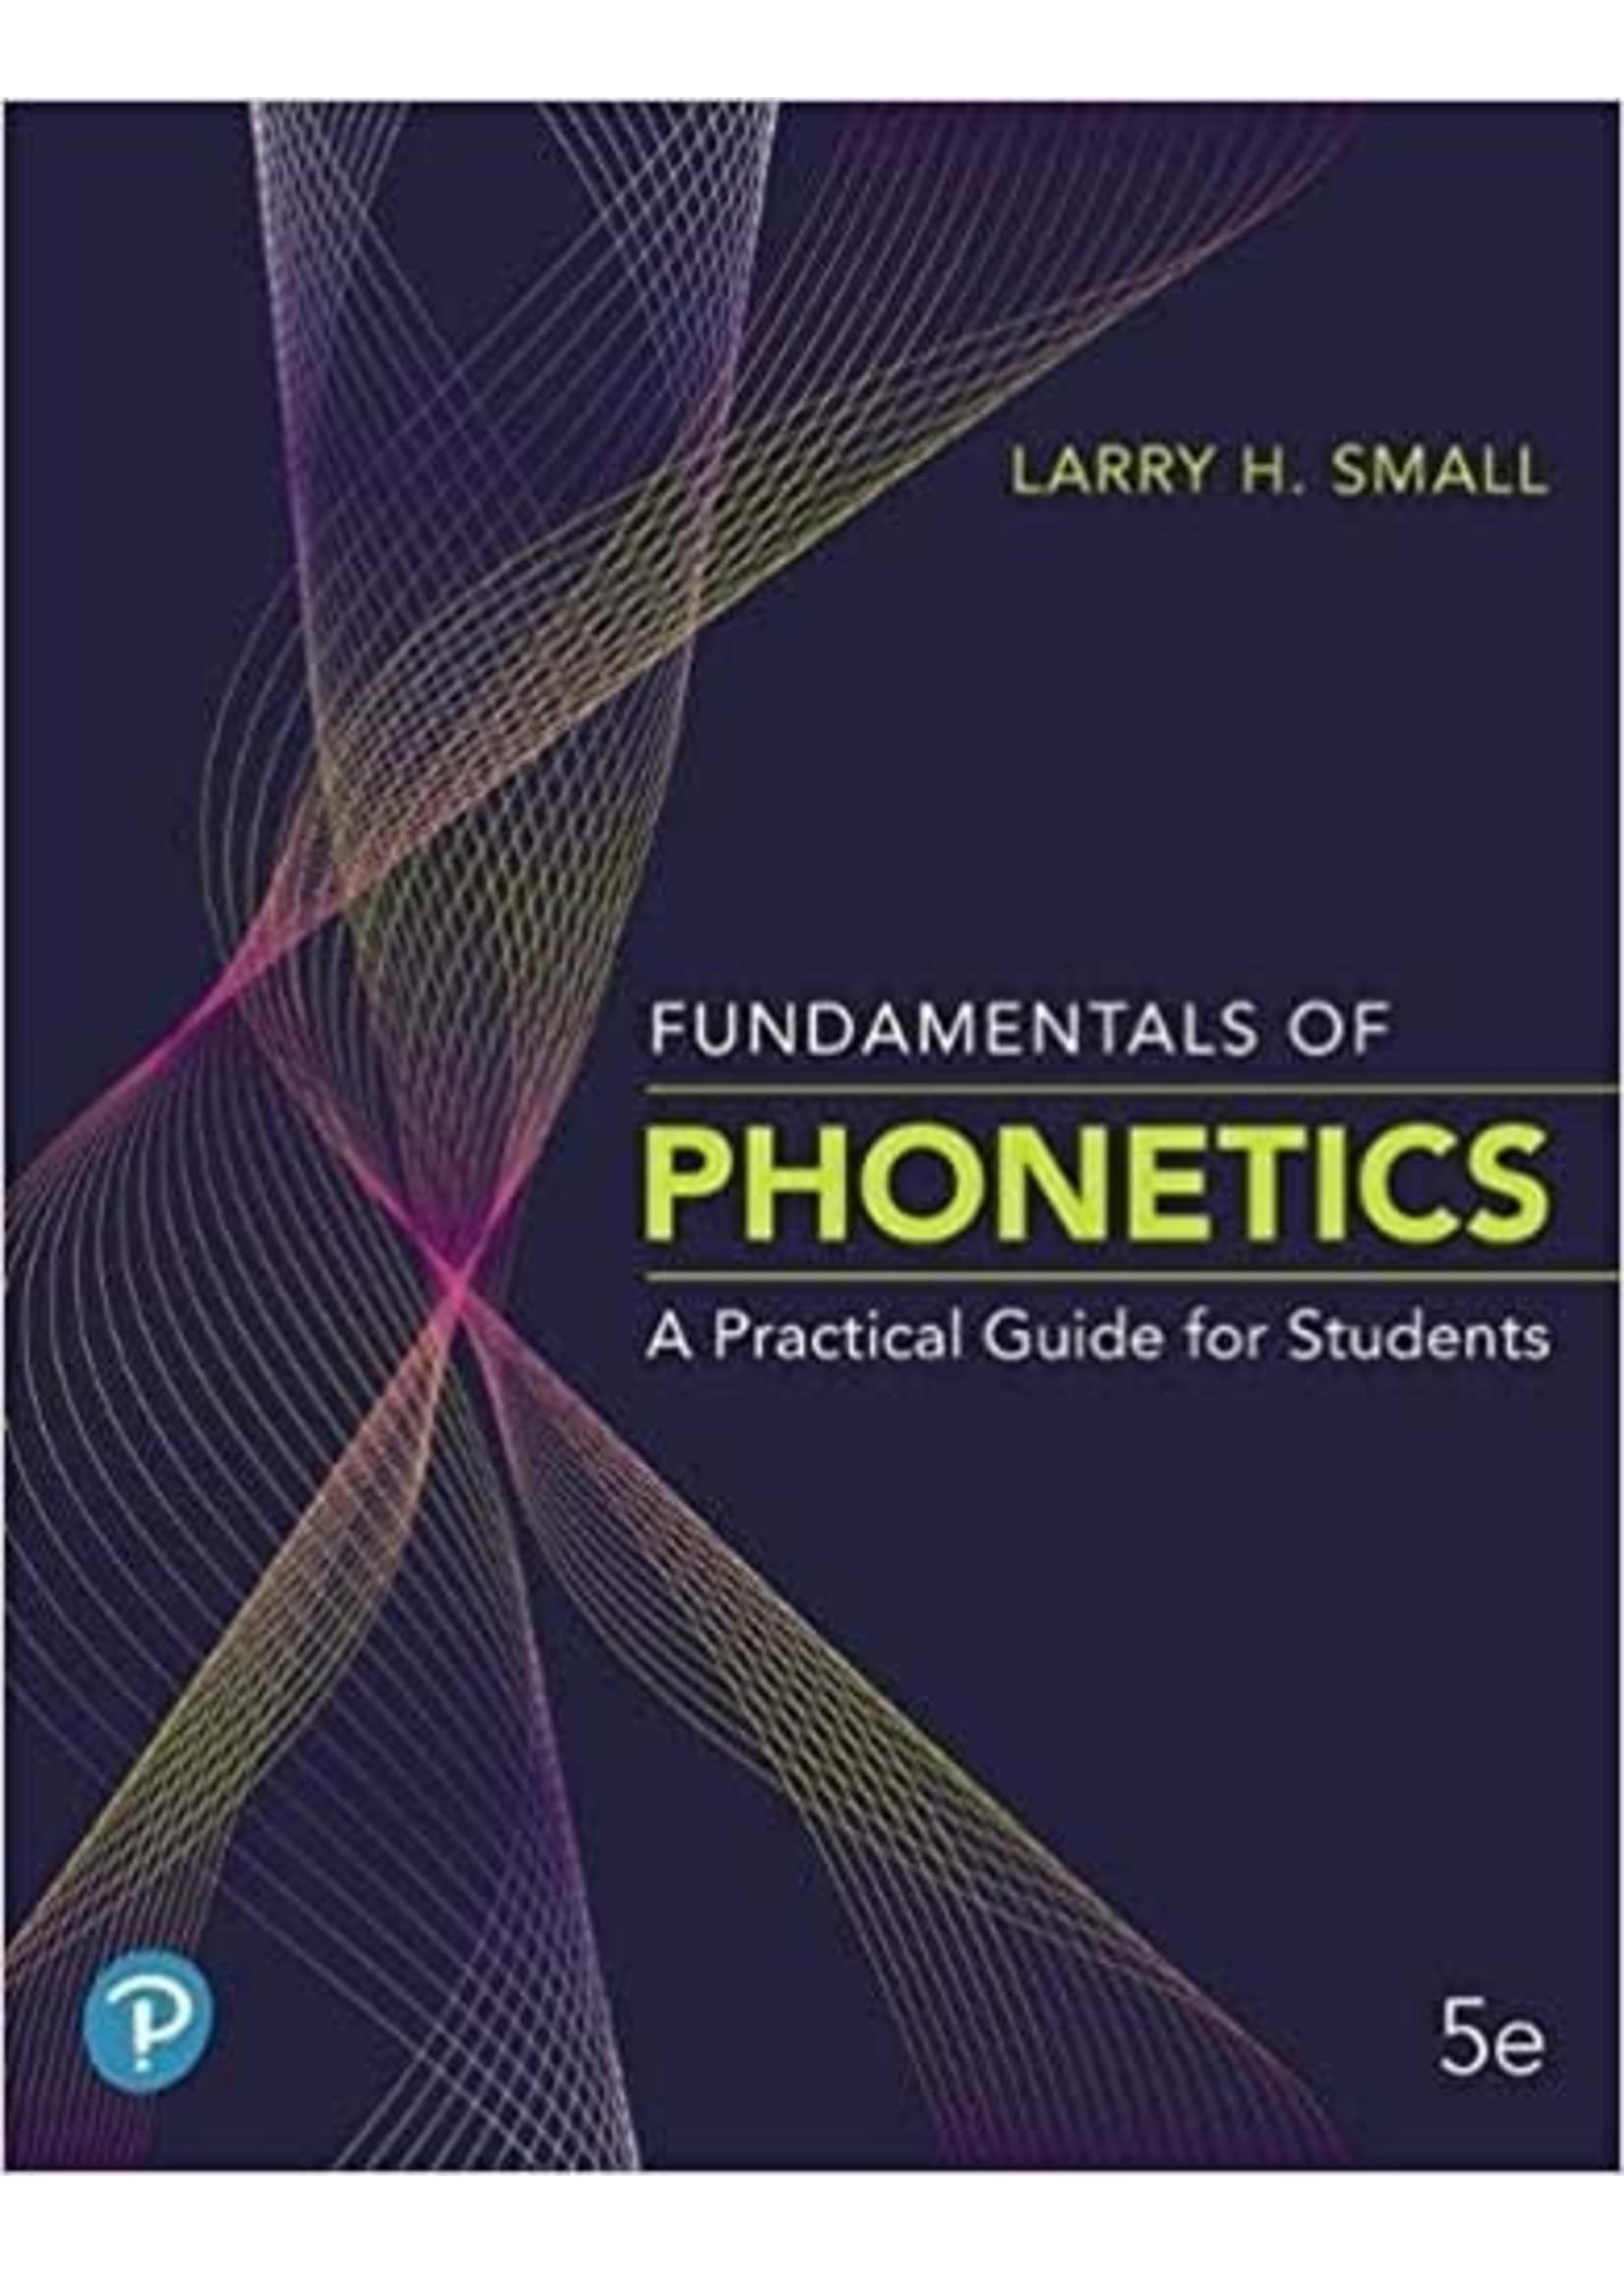 CSD253  FUNDAMENTALS OF PHONETICS